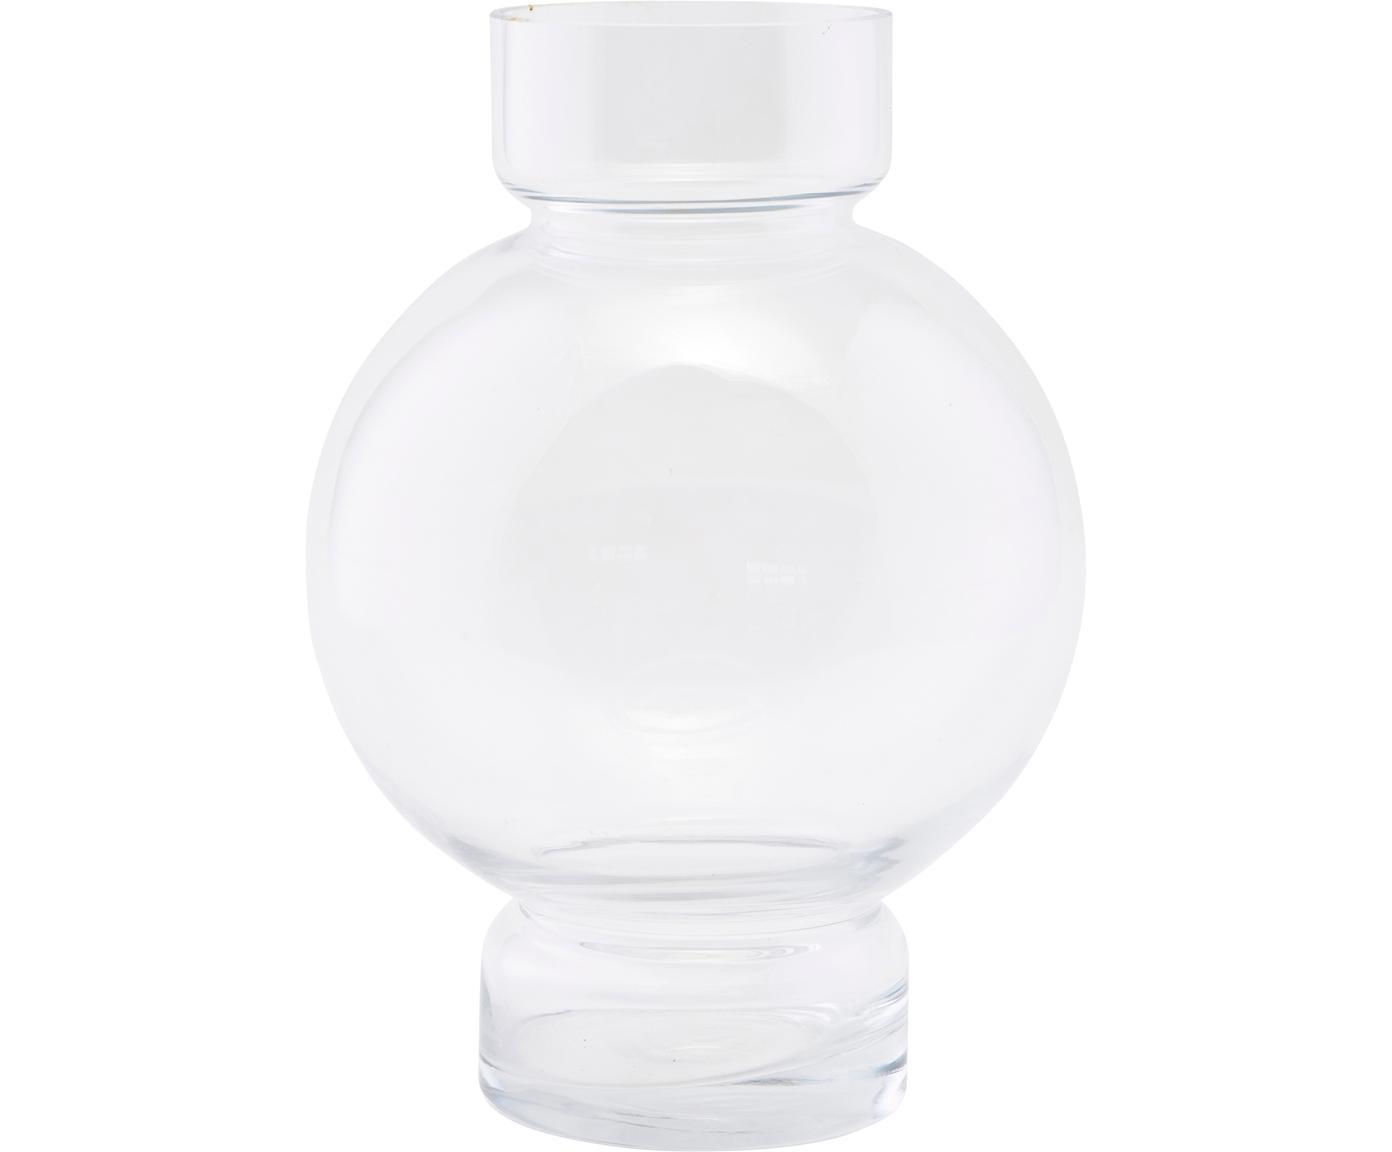 Wazon Bubble, Szkło, Transparentny, Ø 18 x W 25 cm